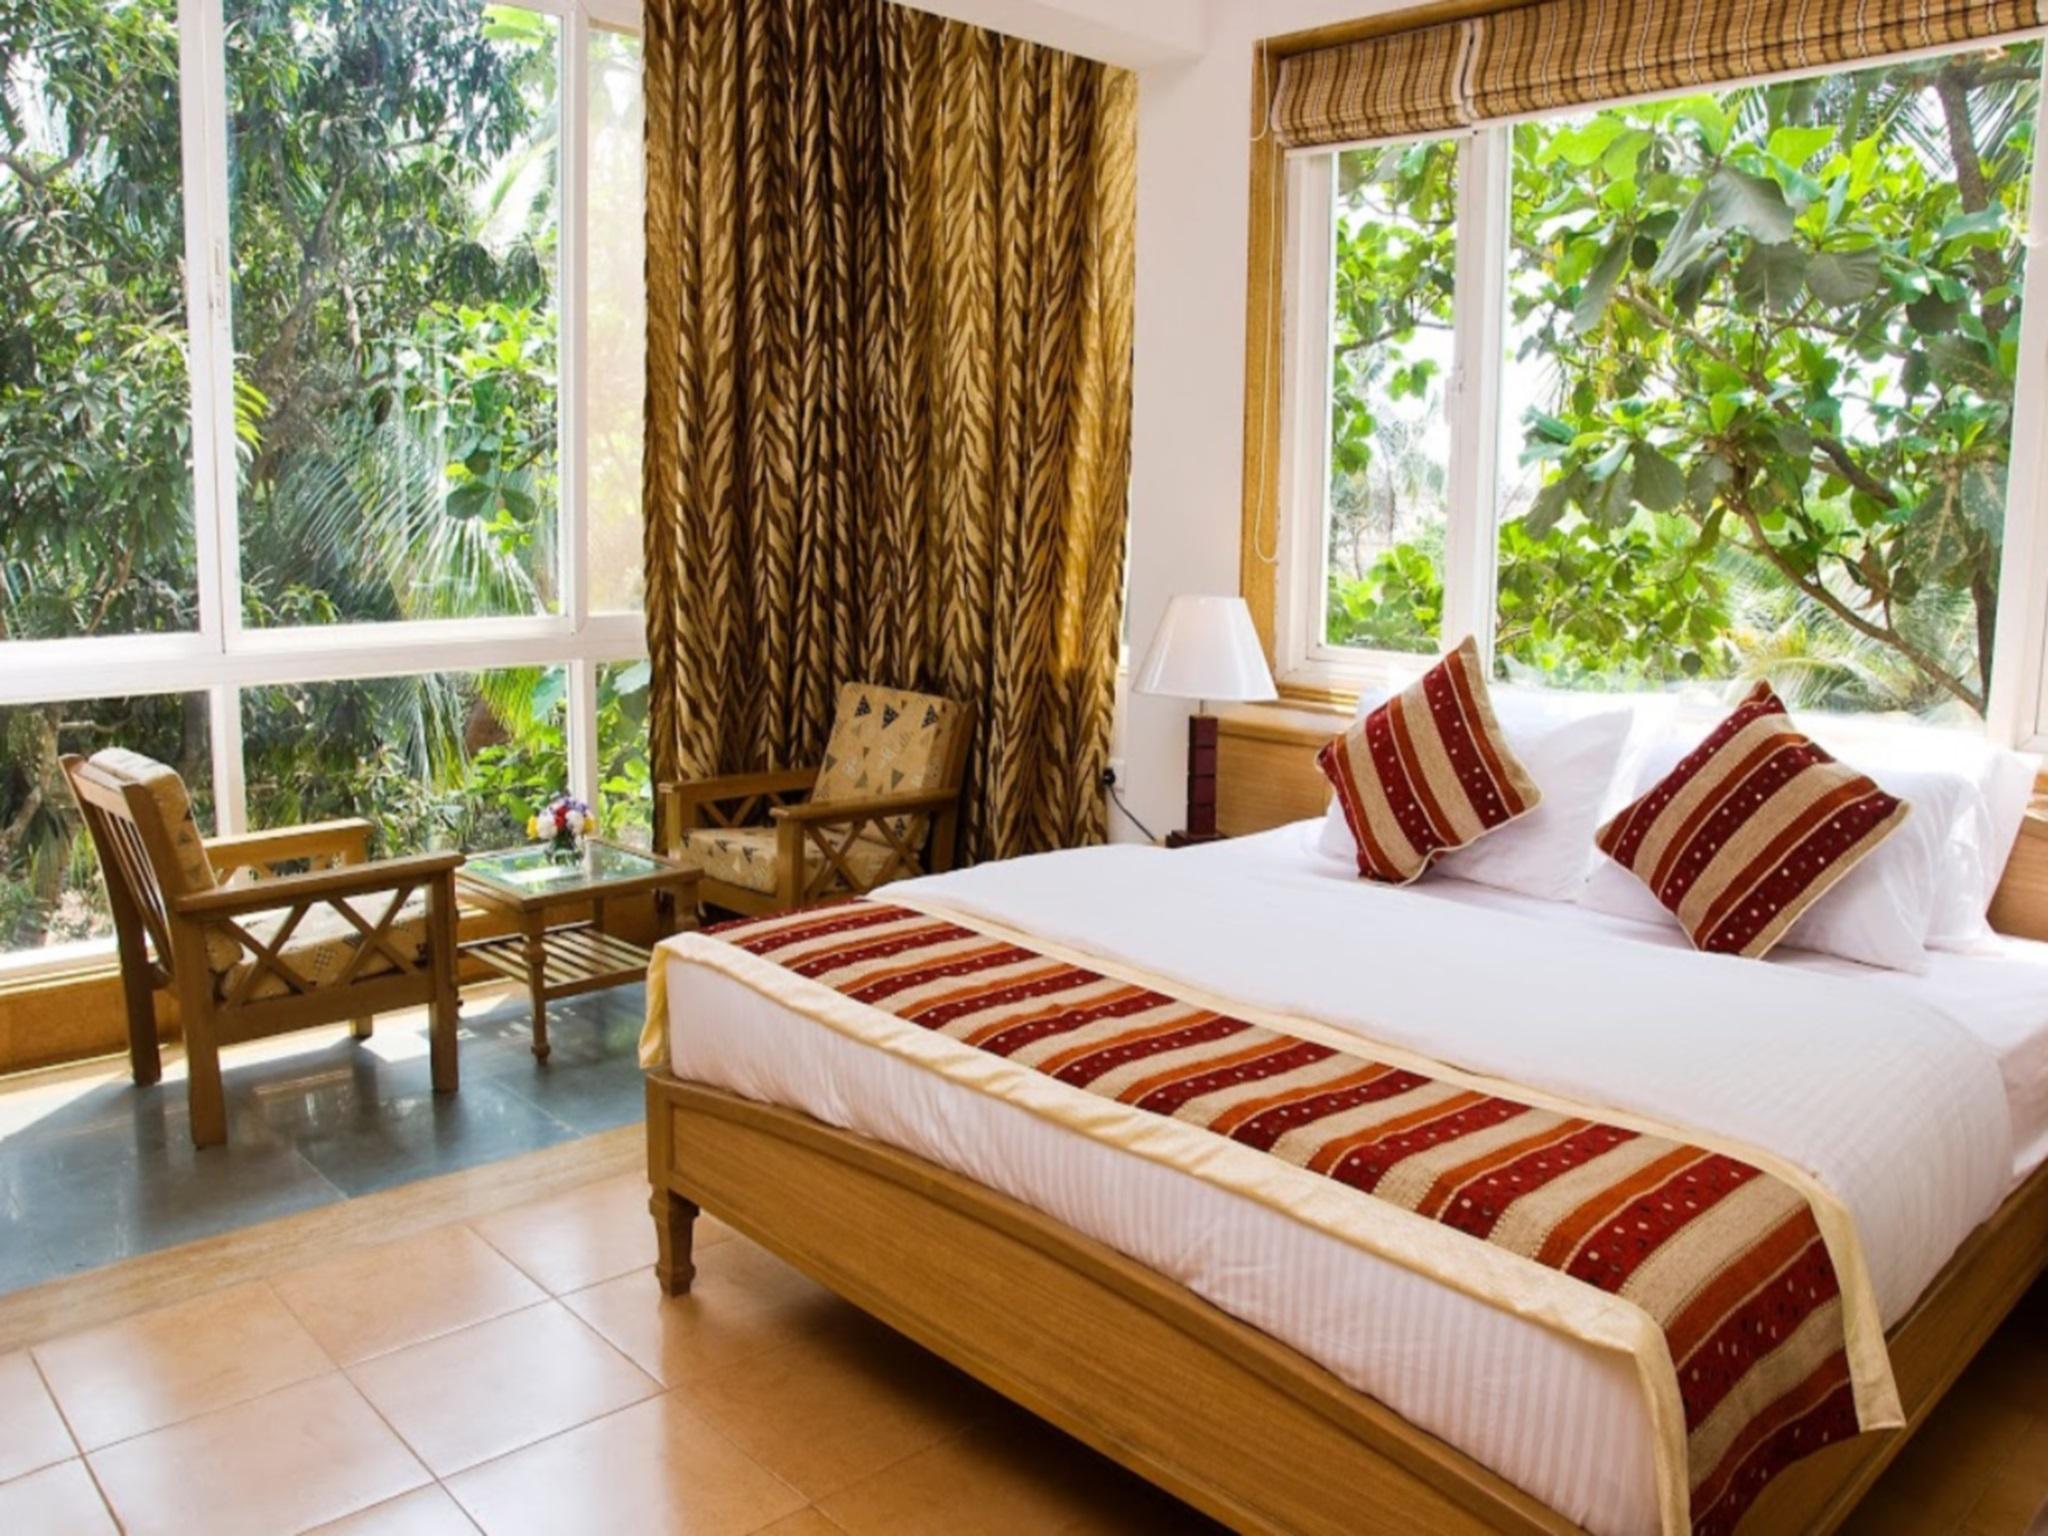 От аэропорта даболим до отелям ваша поездка займет около 1 часа по красивым, зеленым улицам гоа